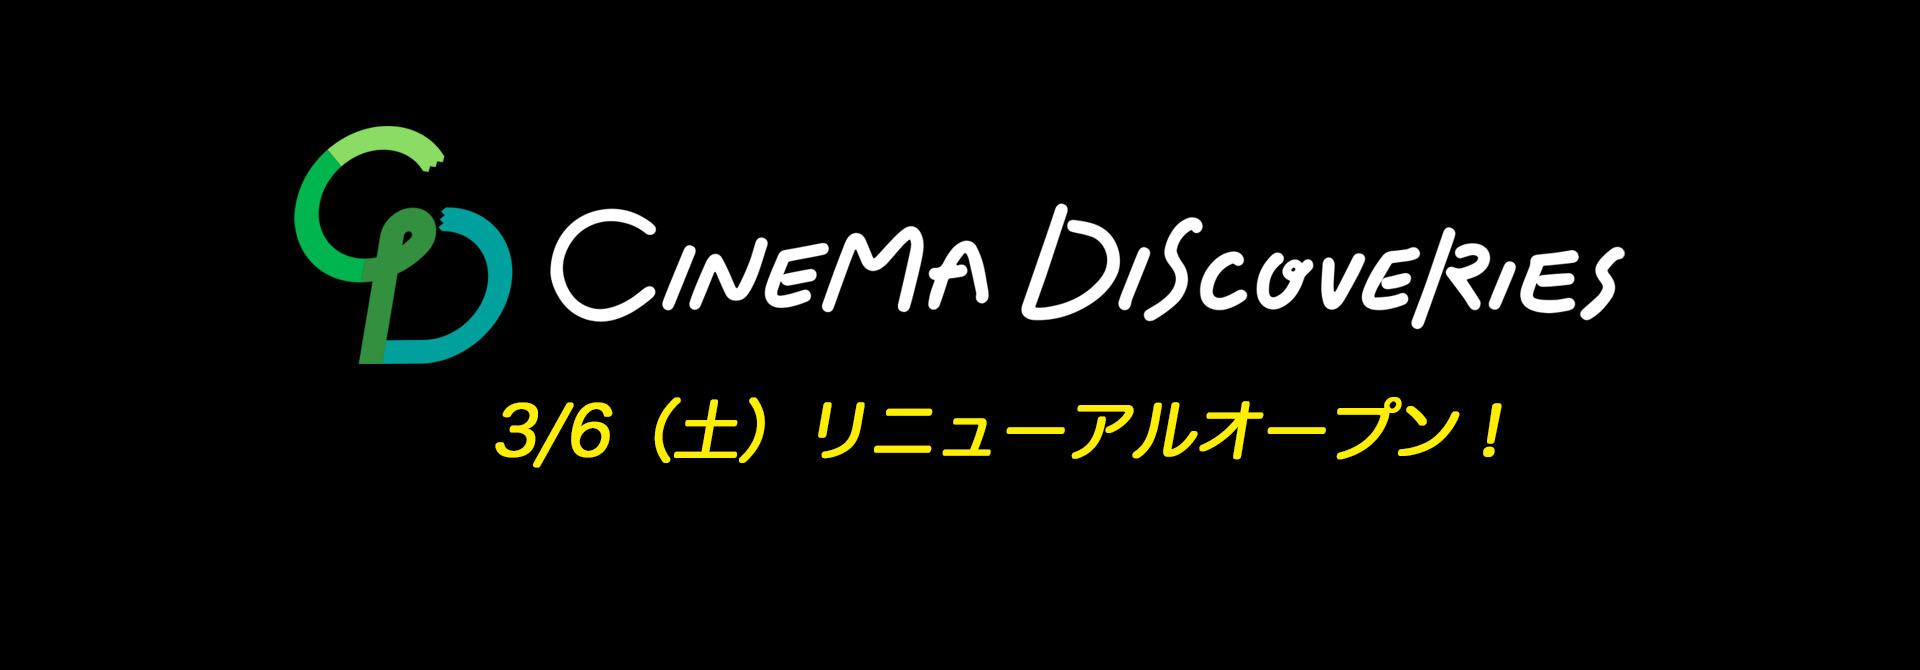 """3月6日(土)リニューアルオープン!ネクストステージは、""""映画ファンとともに歩むプラットフォーム"""""""